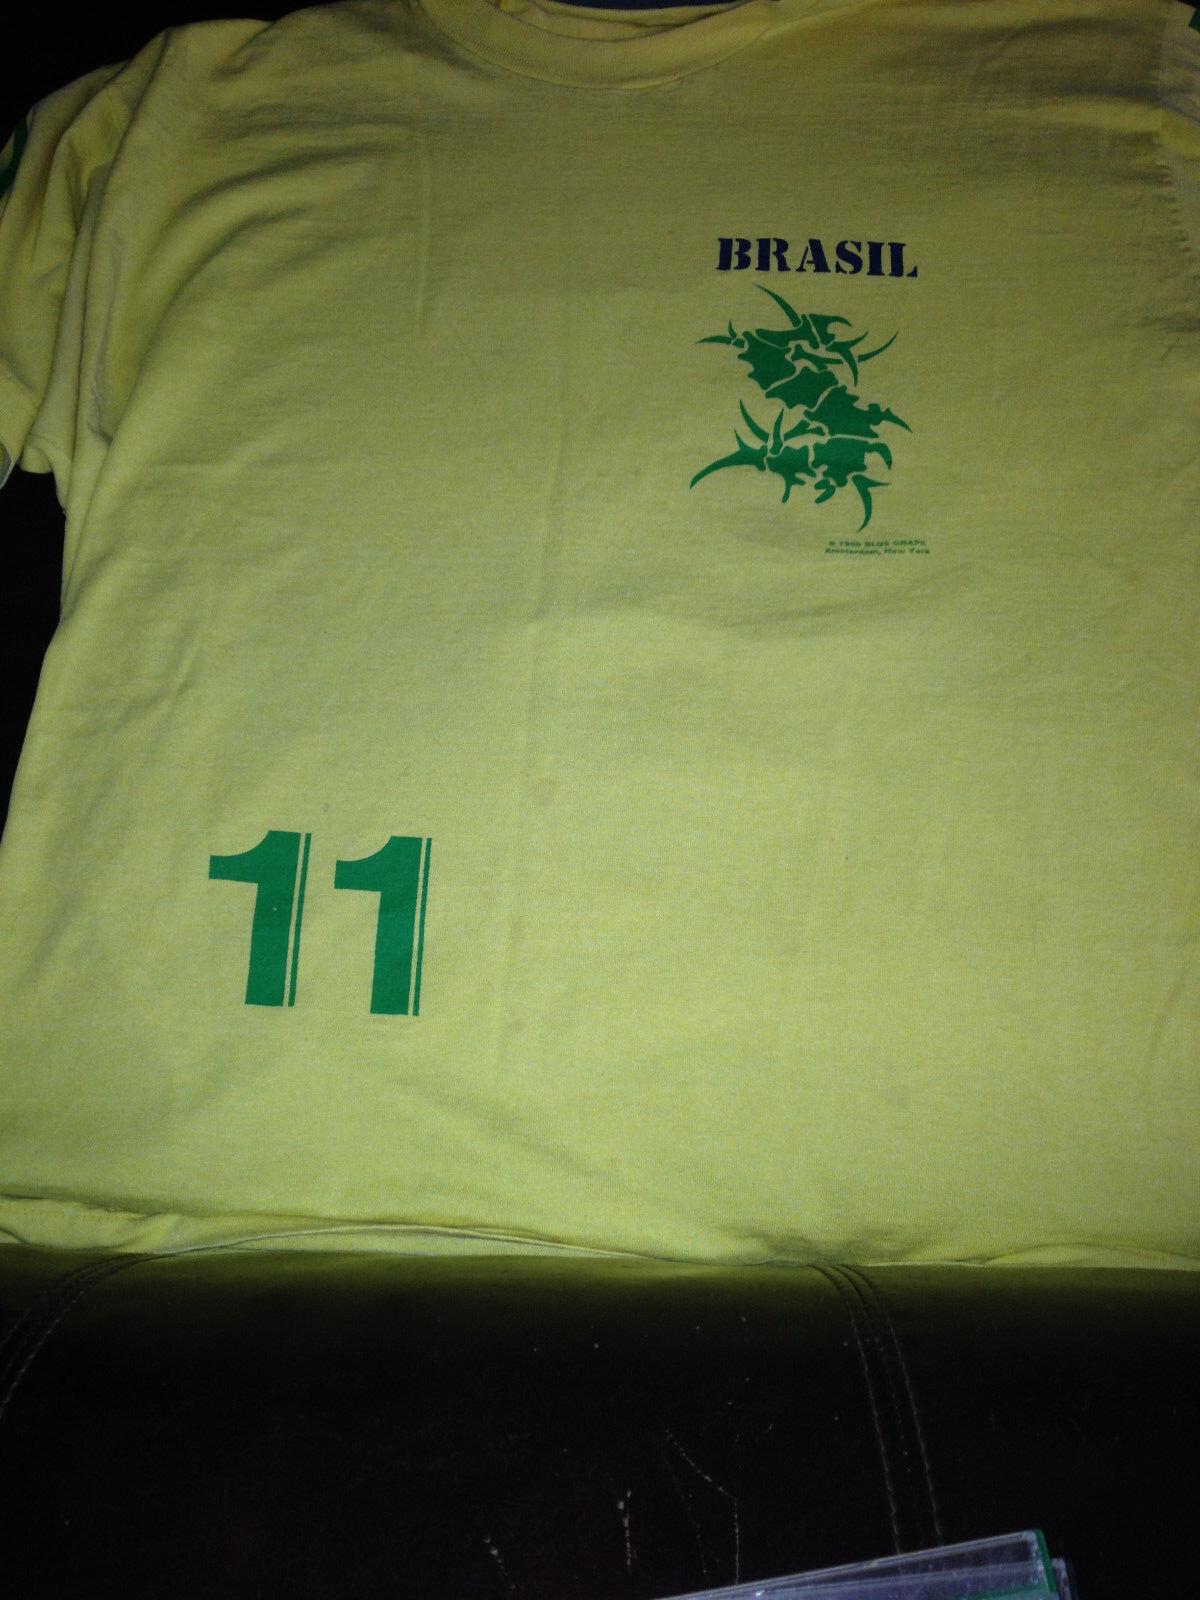 SEPULTURA tour shirt ROOTS 1996 BRASIL 11 yellow soccer jersey tee blueE GRAPE